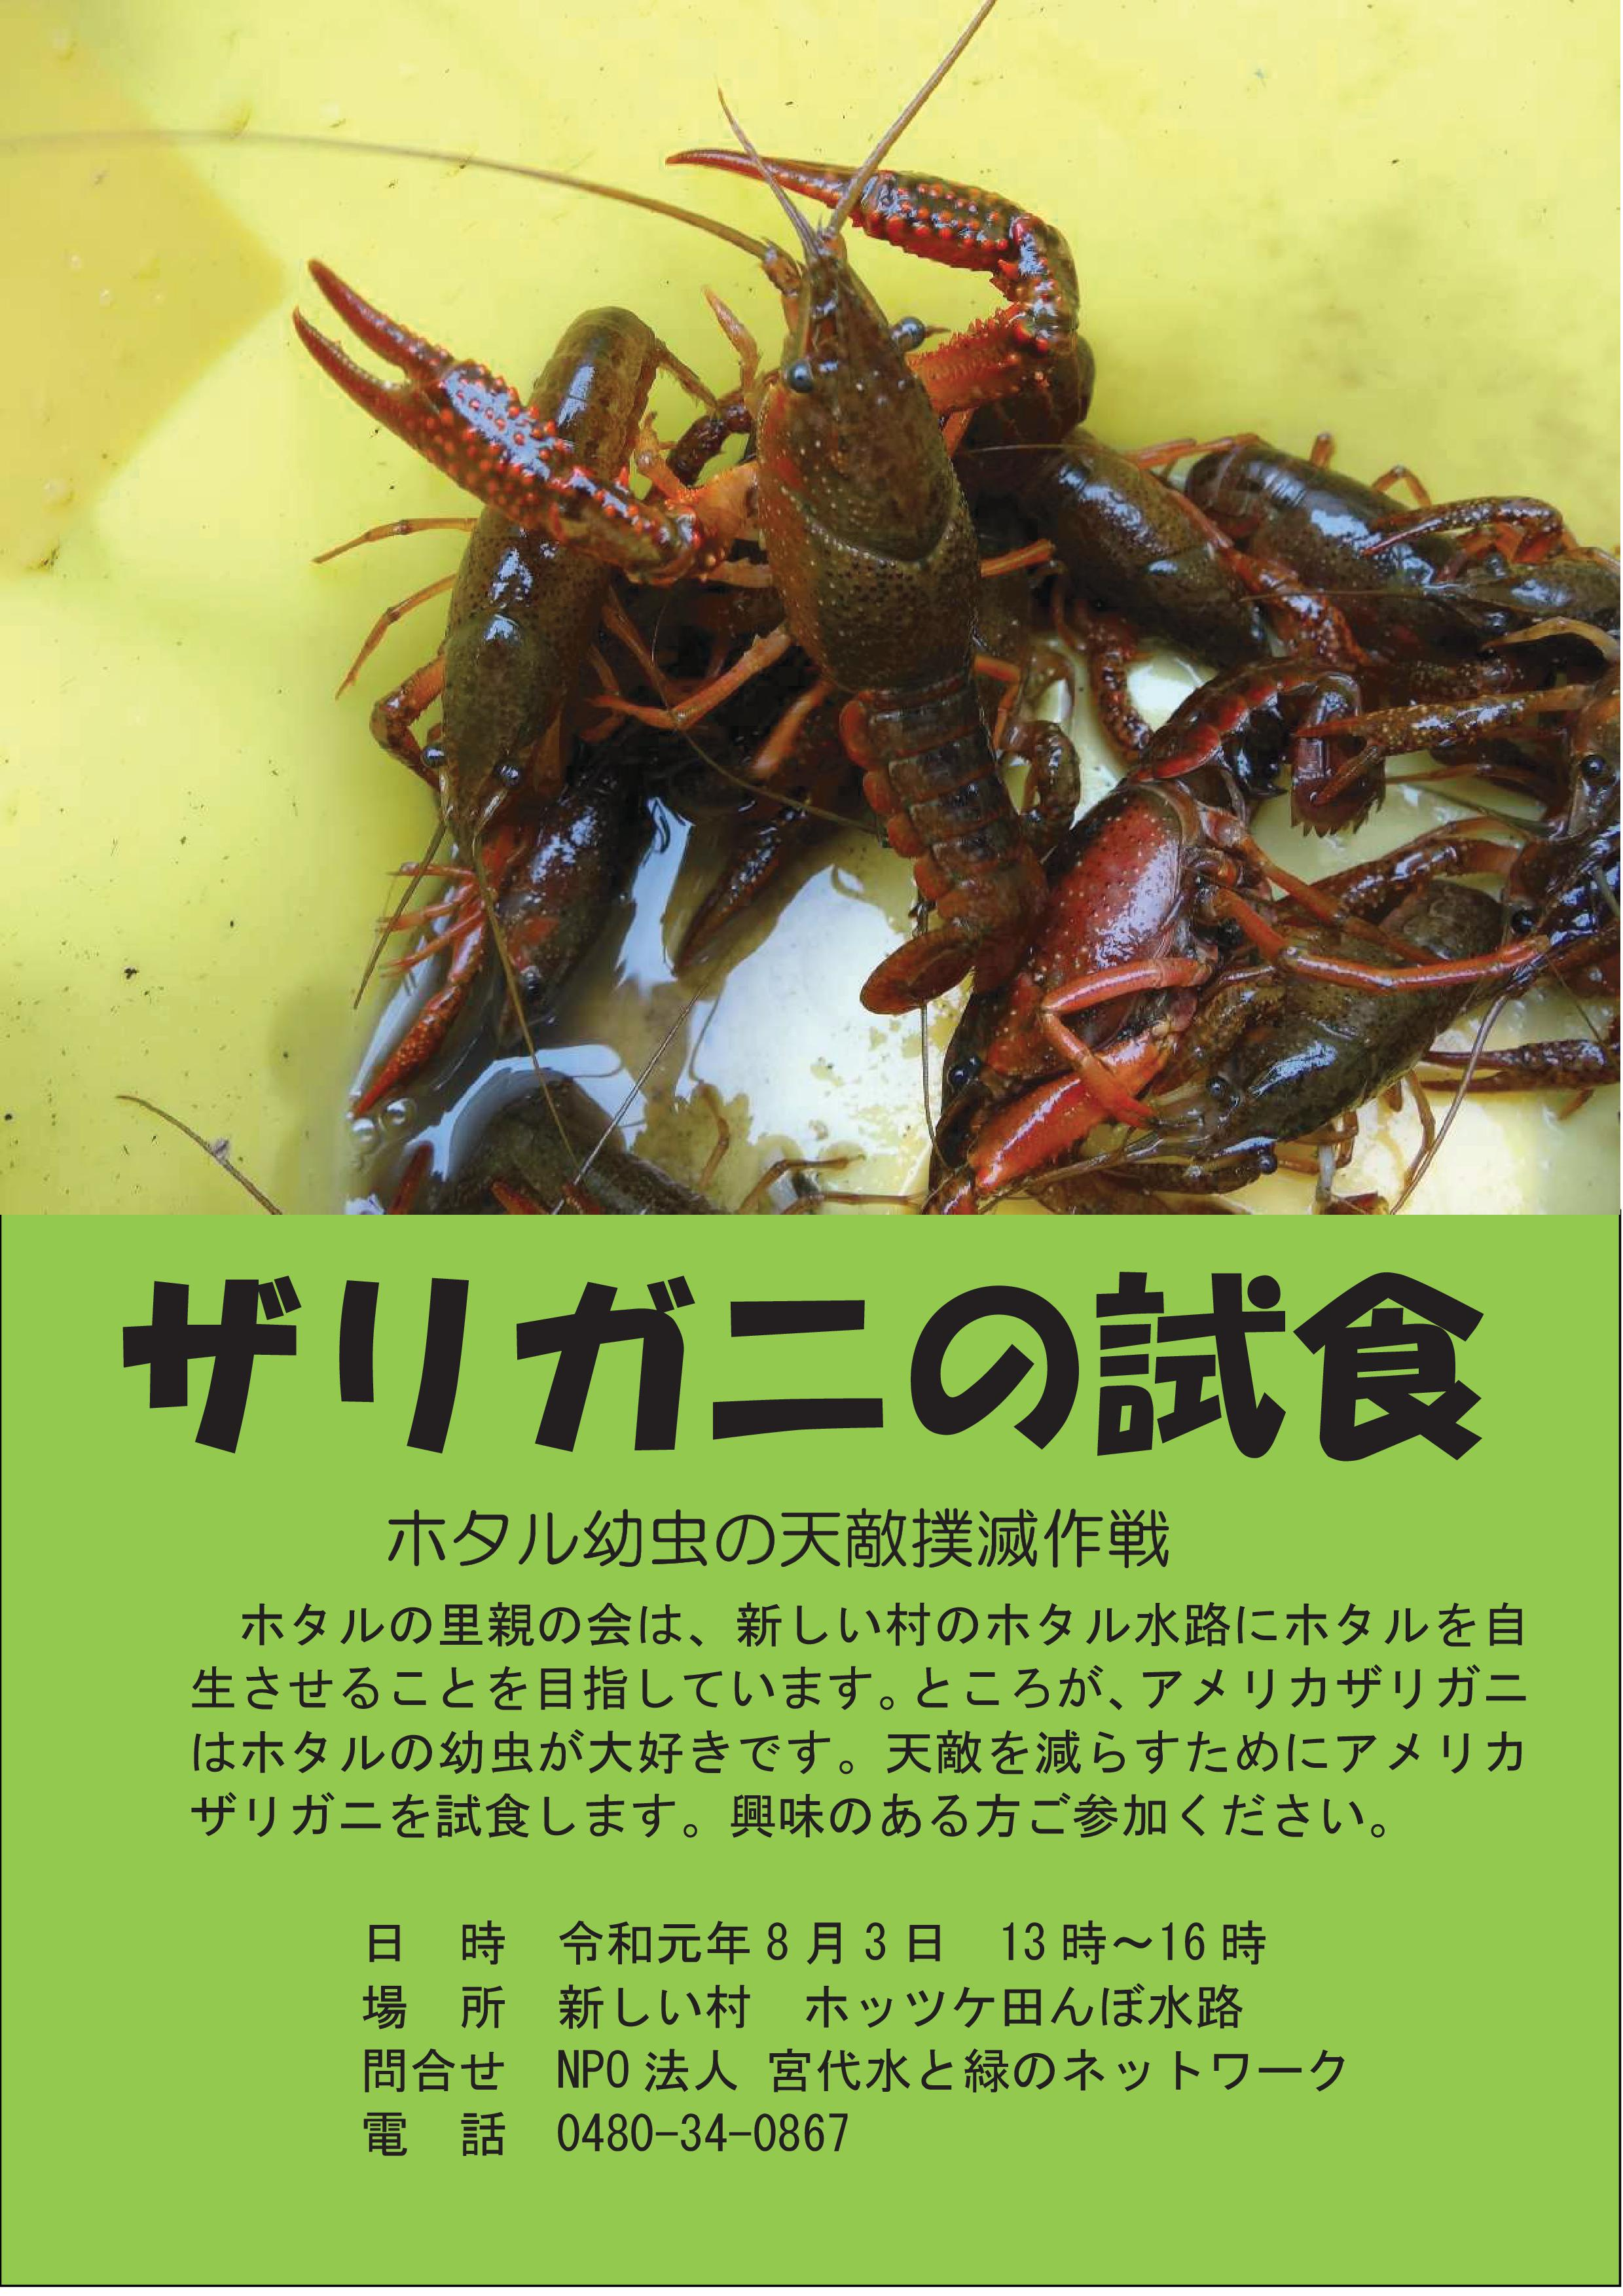 ザリガニの試食(2)